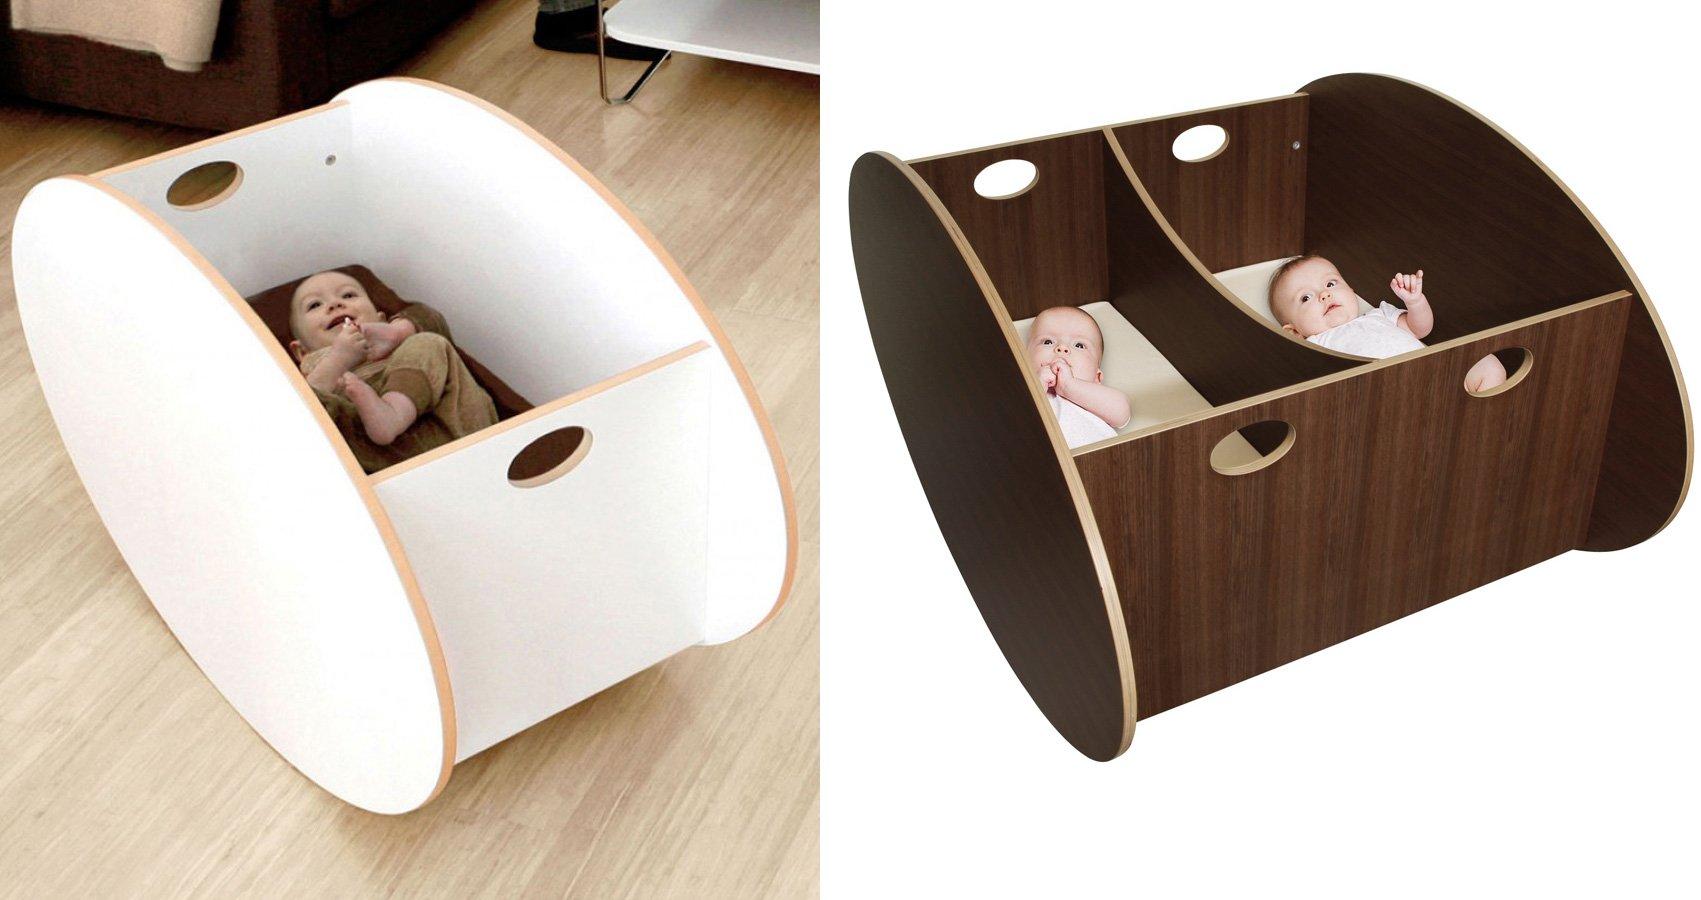 Culle il posto giusto per la nanna cose di casa for Design semplice casa del fienile